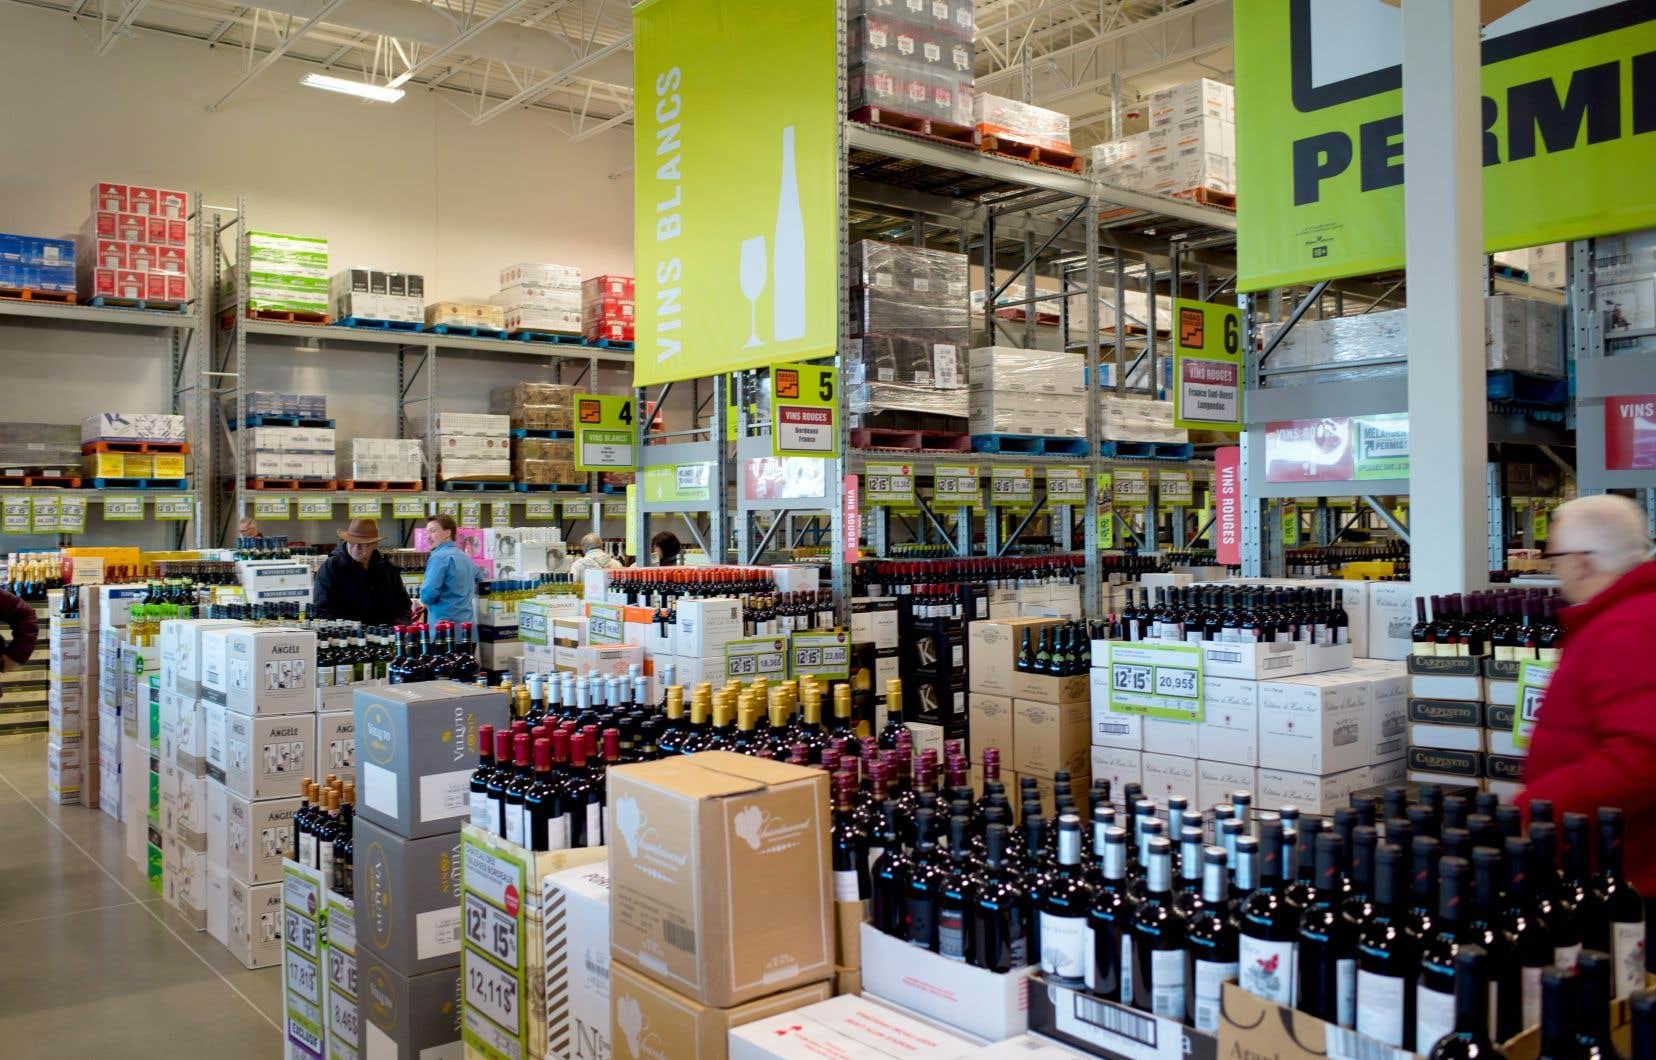 «Le prisme de la santé semble complètement occulté de l'approche gouvernementale en matière d'alcool: on l'aborde principalement sous l'angle de la rentabilité», écrit sans un mémoire l'Association pour la santé publique.